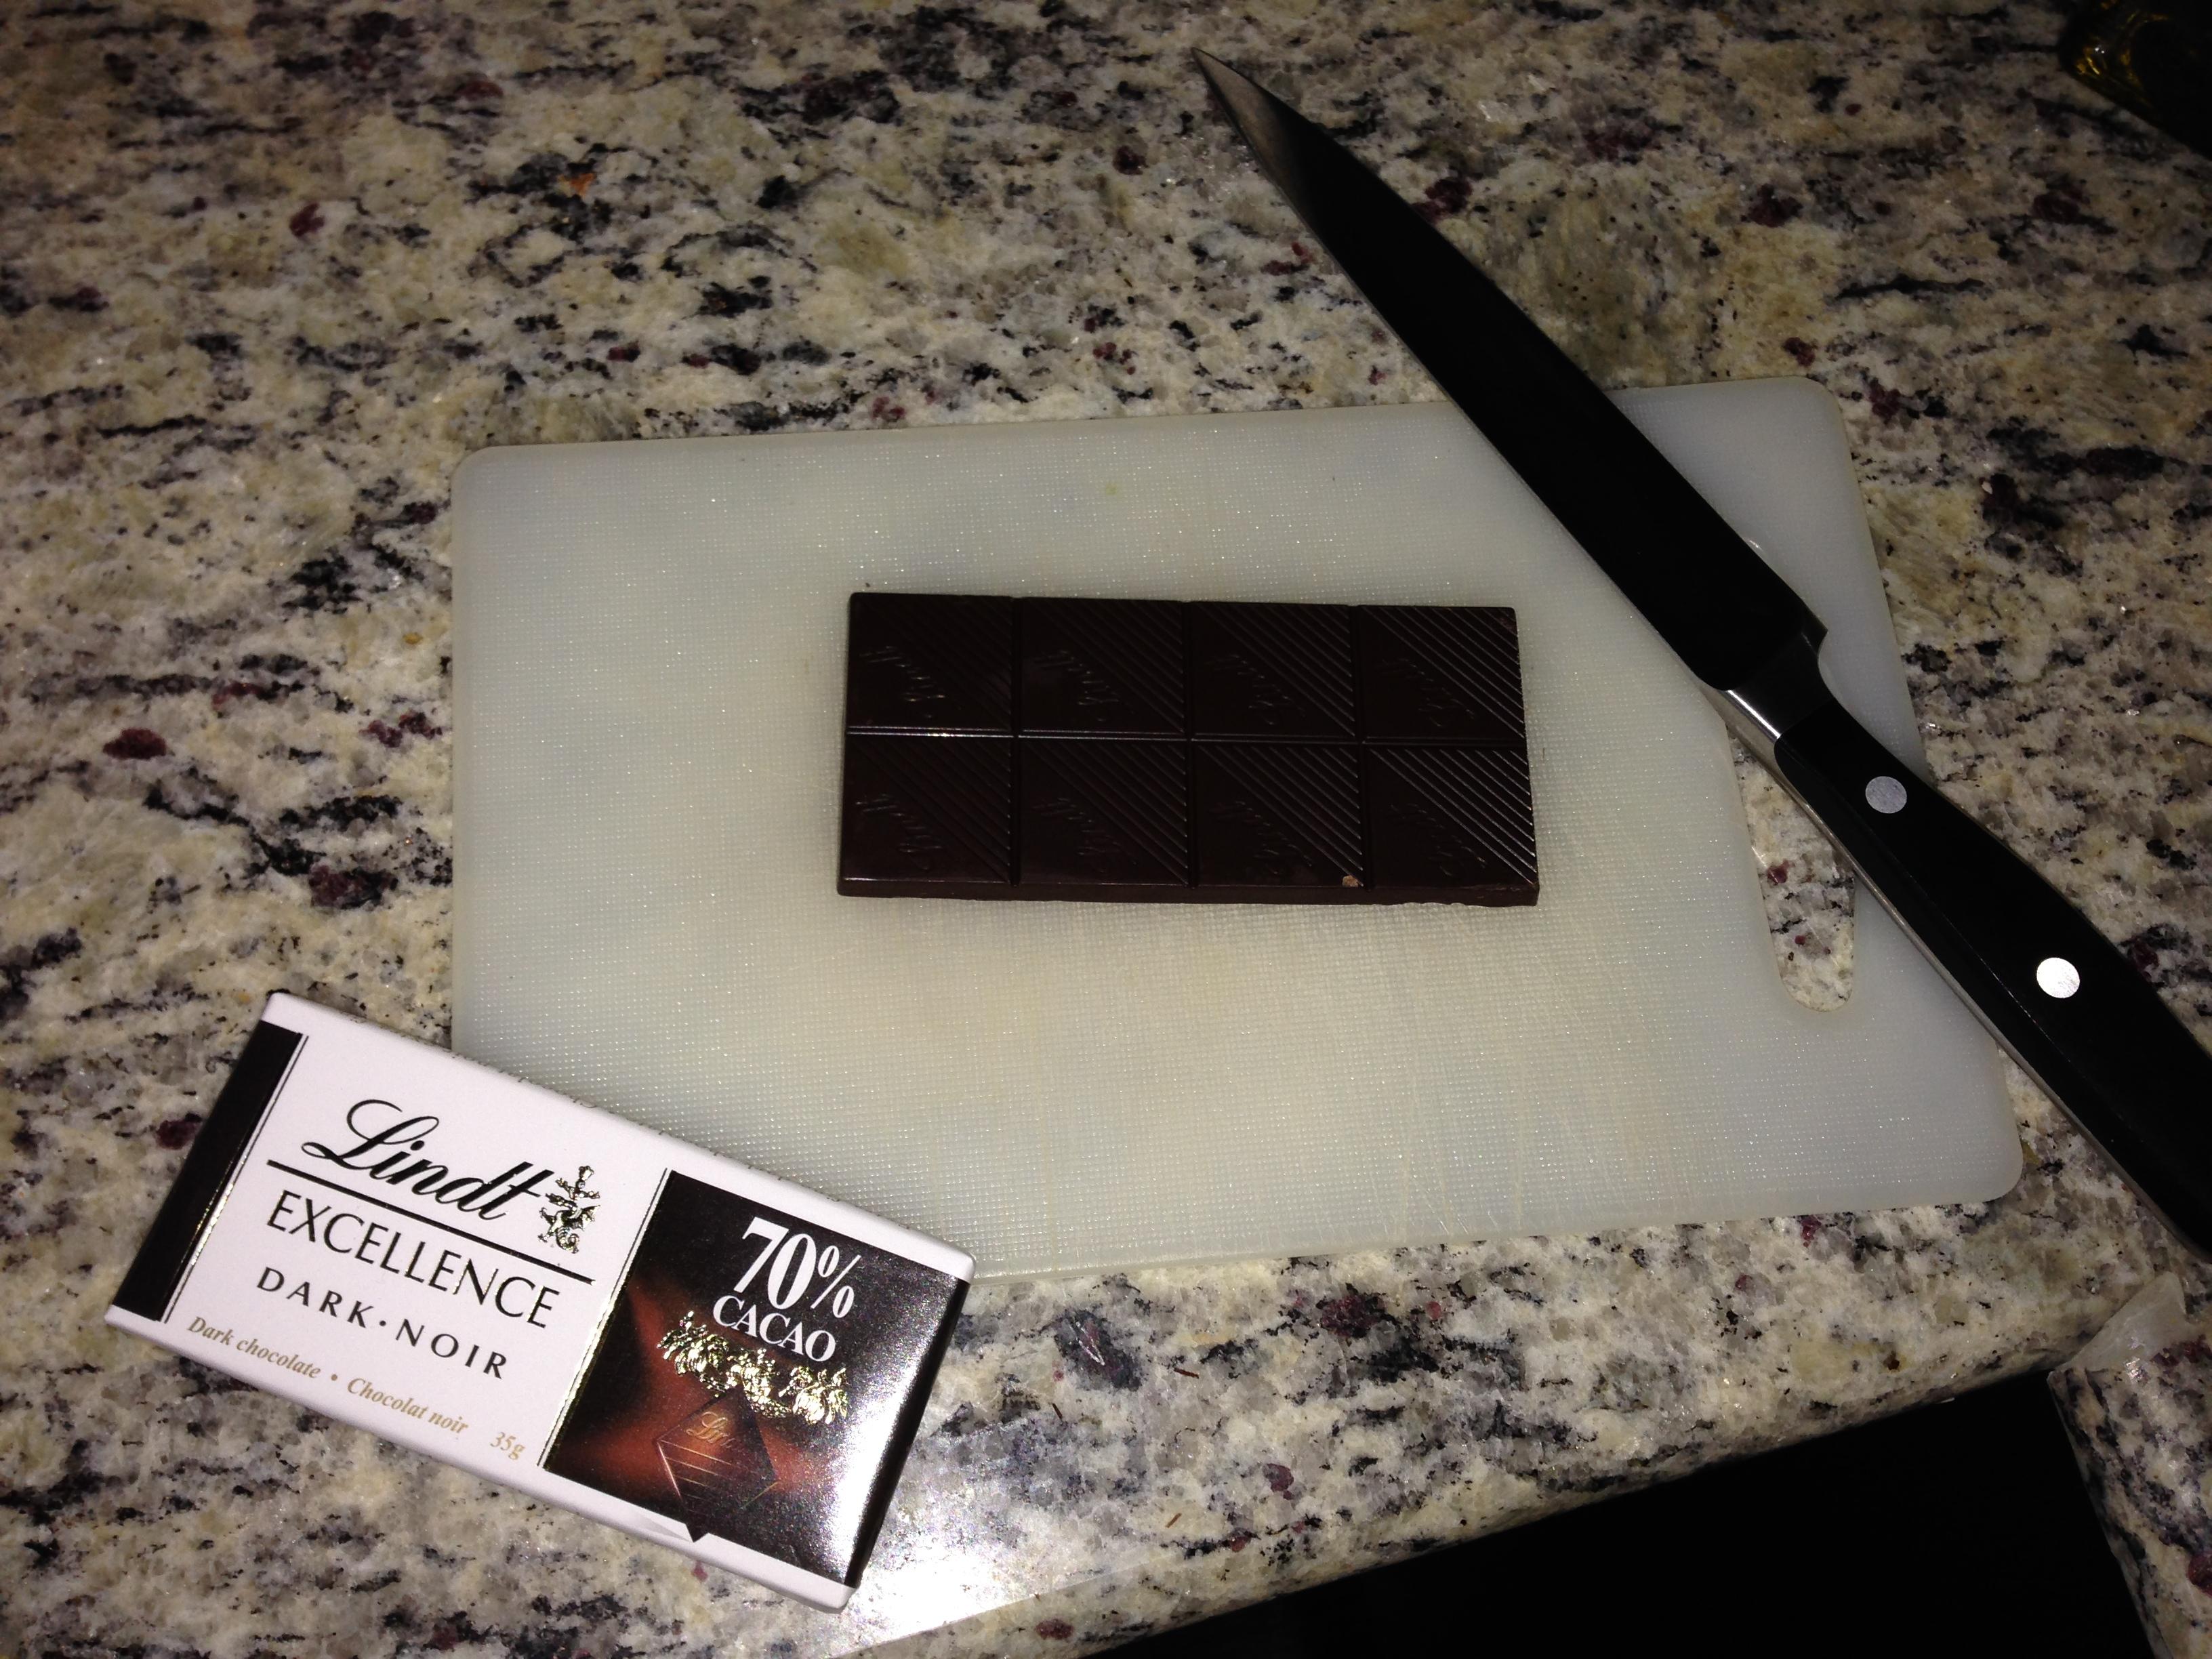 The secret weapon of my attempts to make midnight black chocolate gelato: start dark!